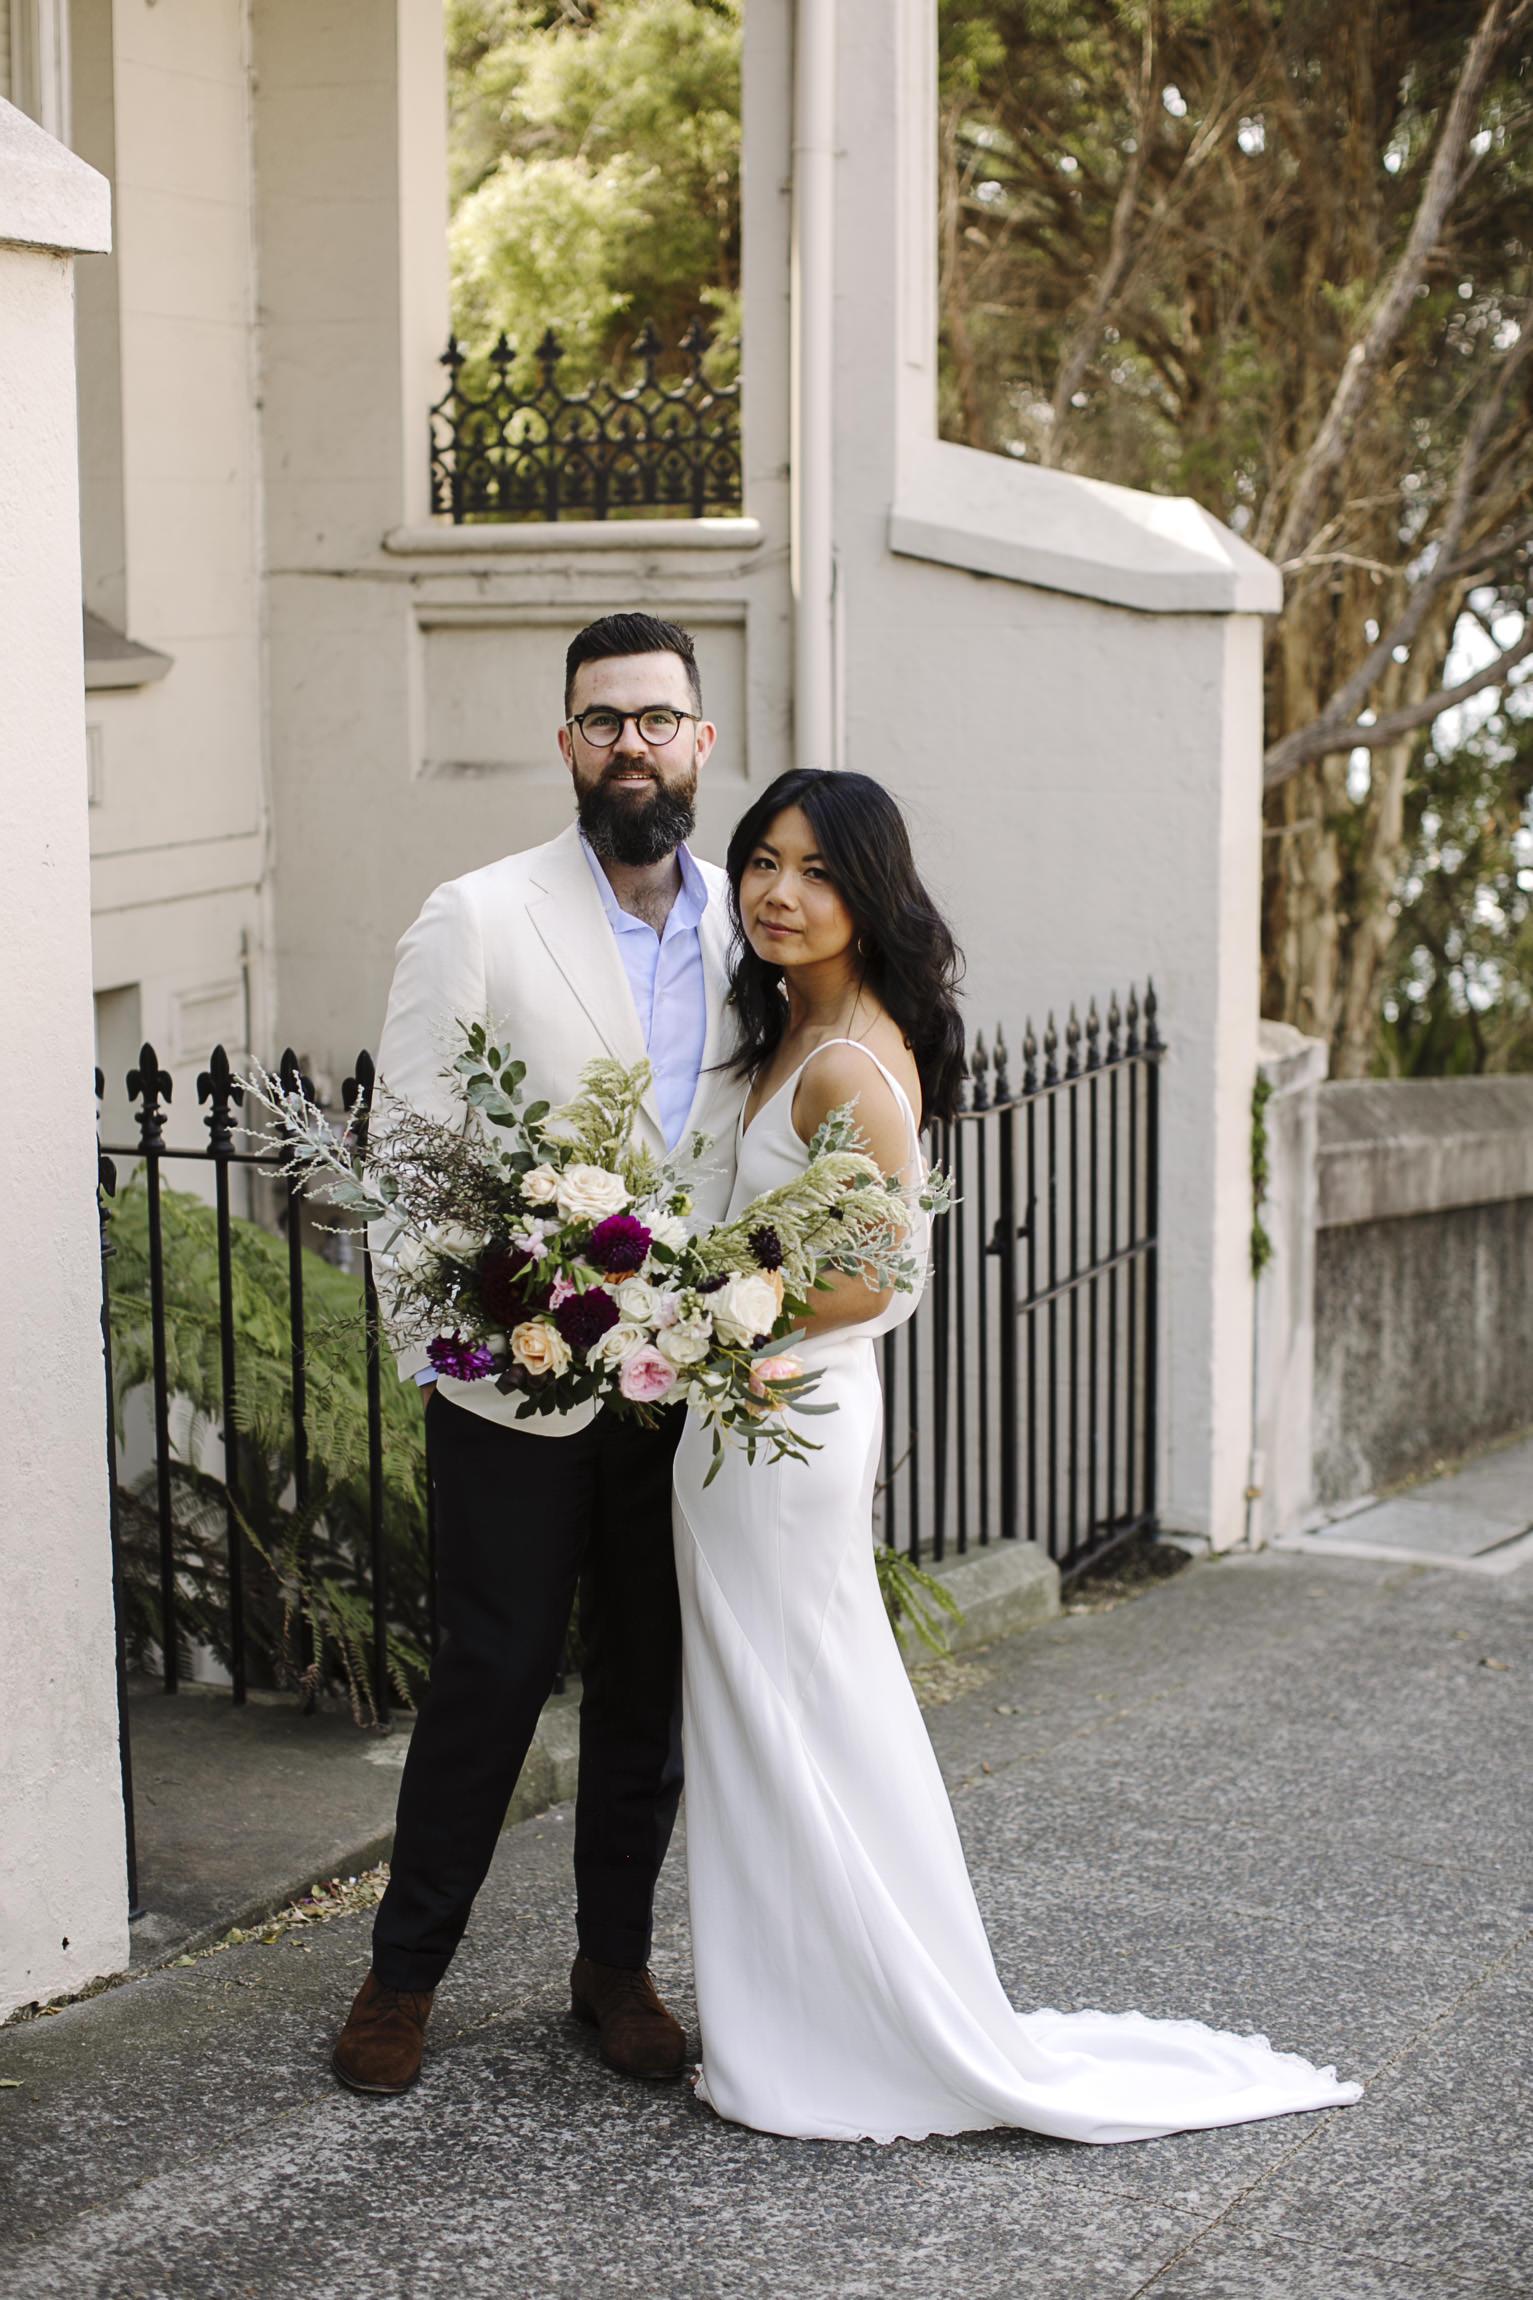 180420_justinaaron_wedding_yang_ben_h-203.jpg